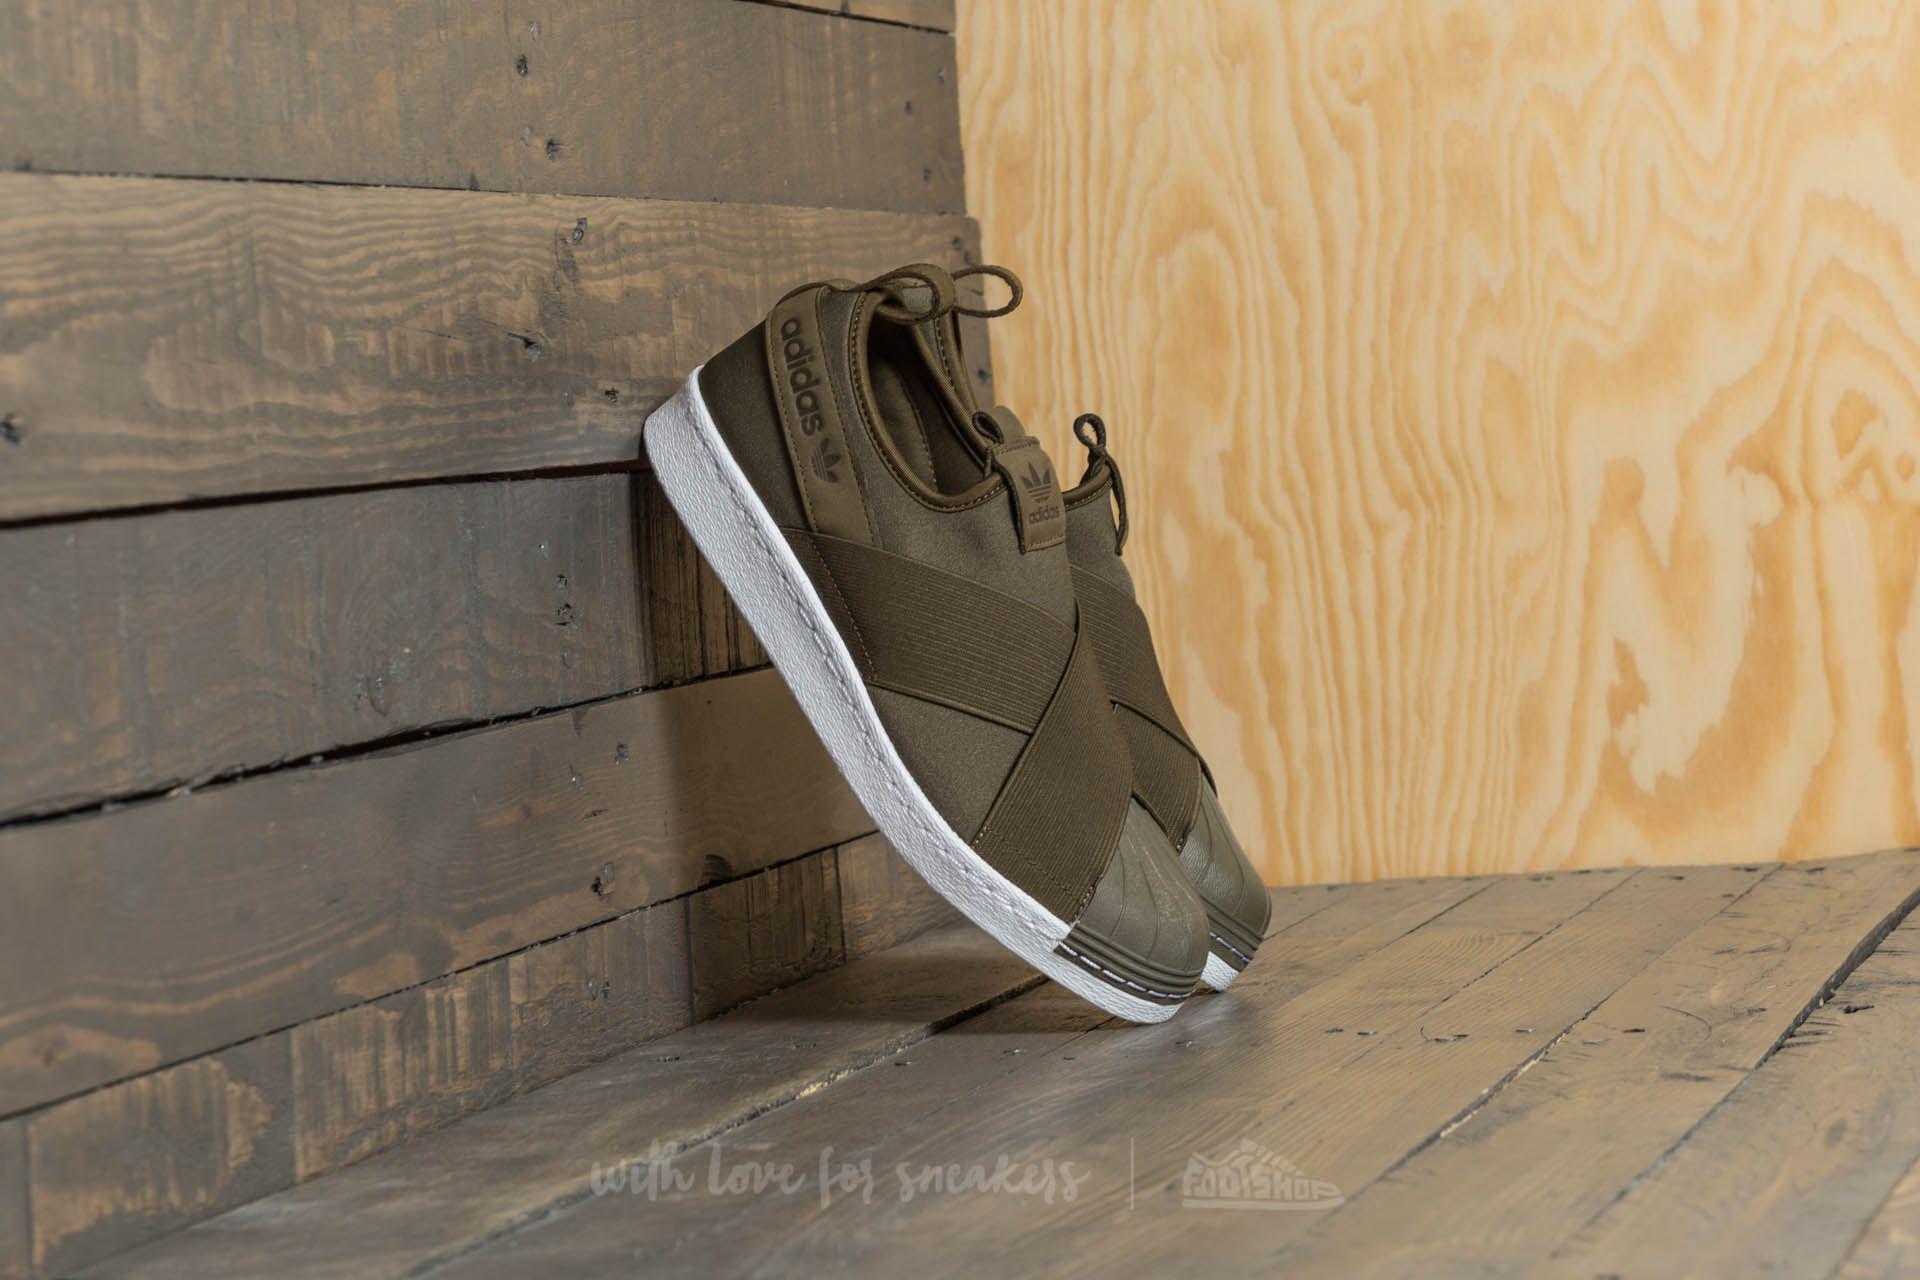 adidas Superstar SlipOn Trace Olive/ Trace Olive/ Ftw White Venta Barata En Línea Compra En Línea Comprar OpfkKb